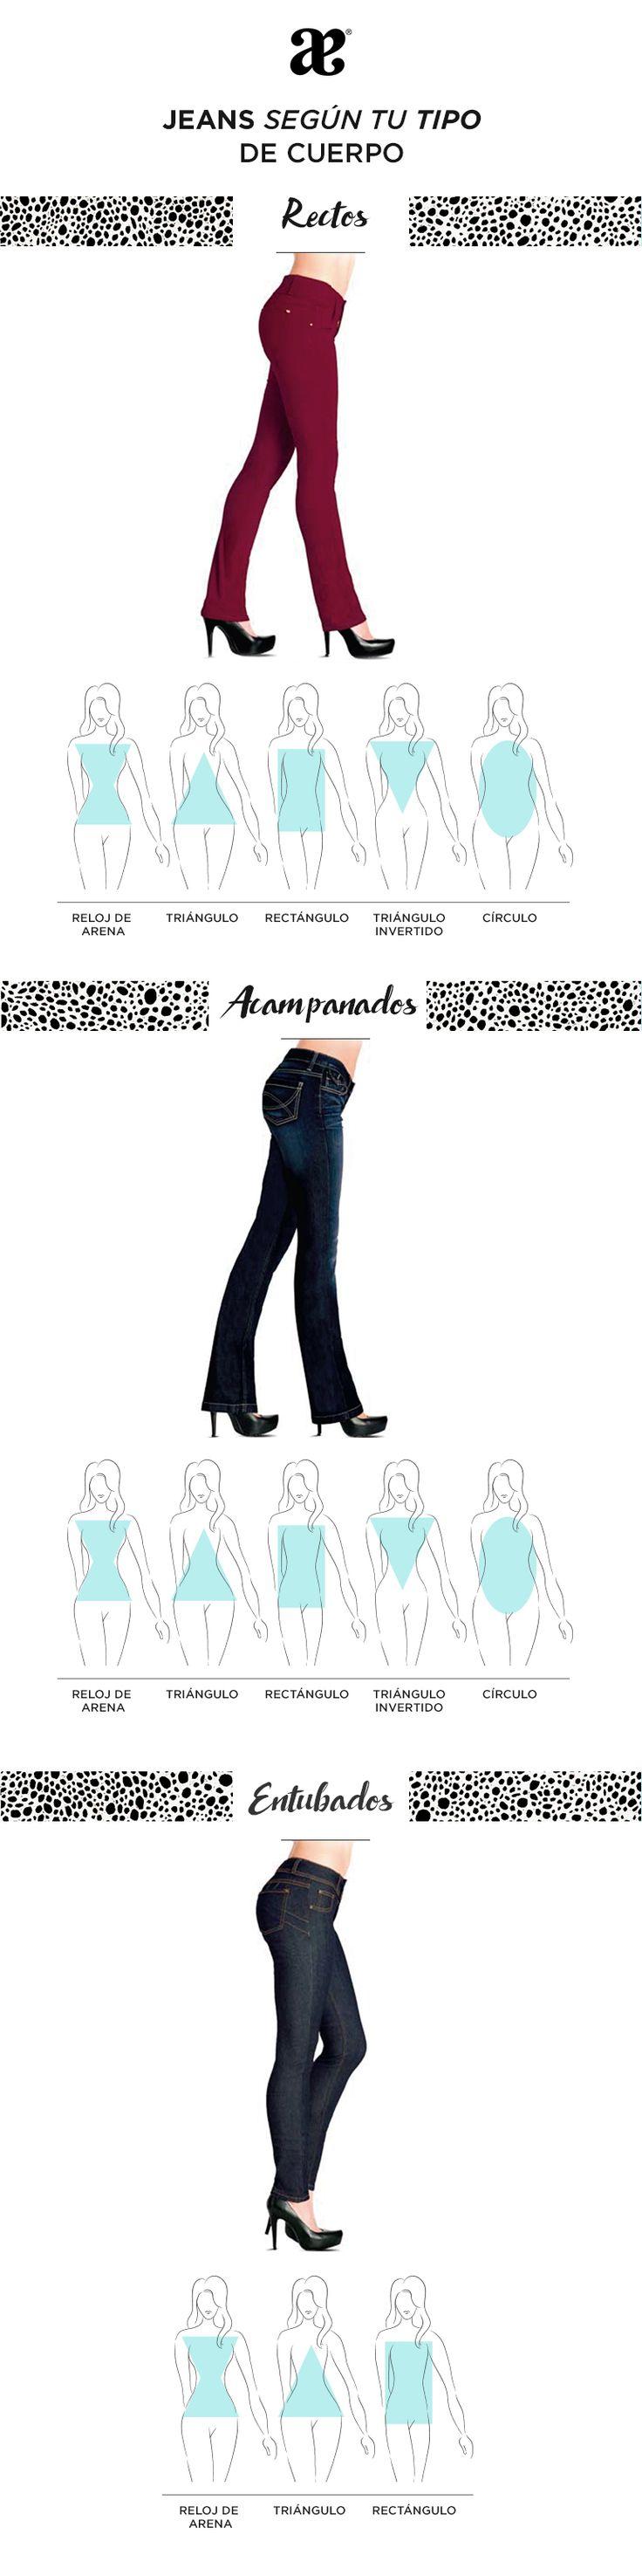 Jeans ideales para tu cuerpo, identifica los tuyos y después lee nuestro artículo.